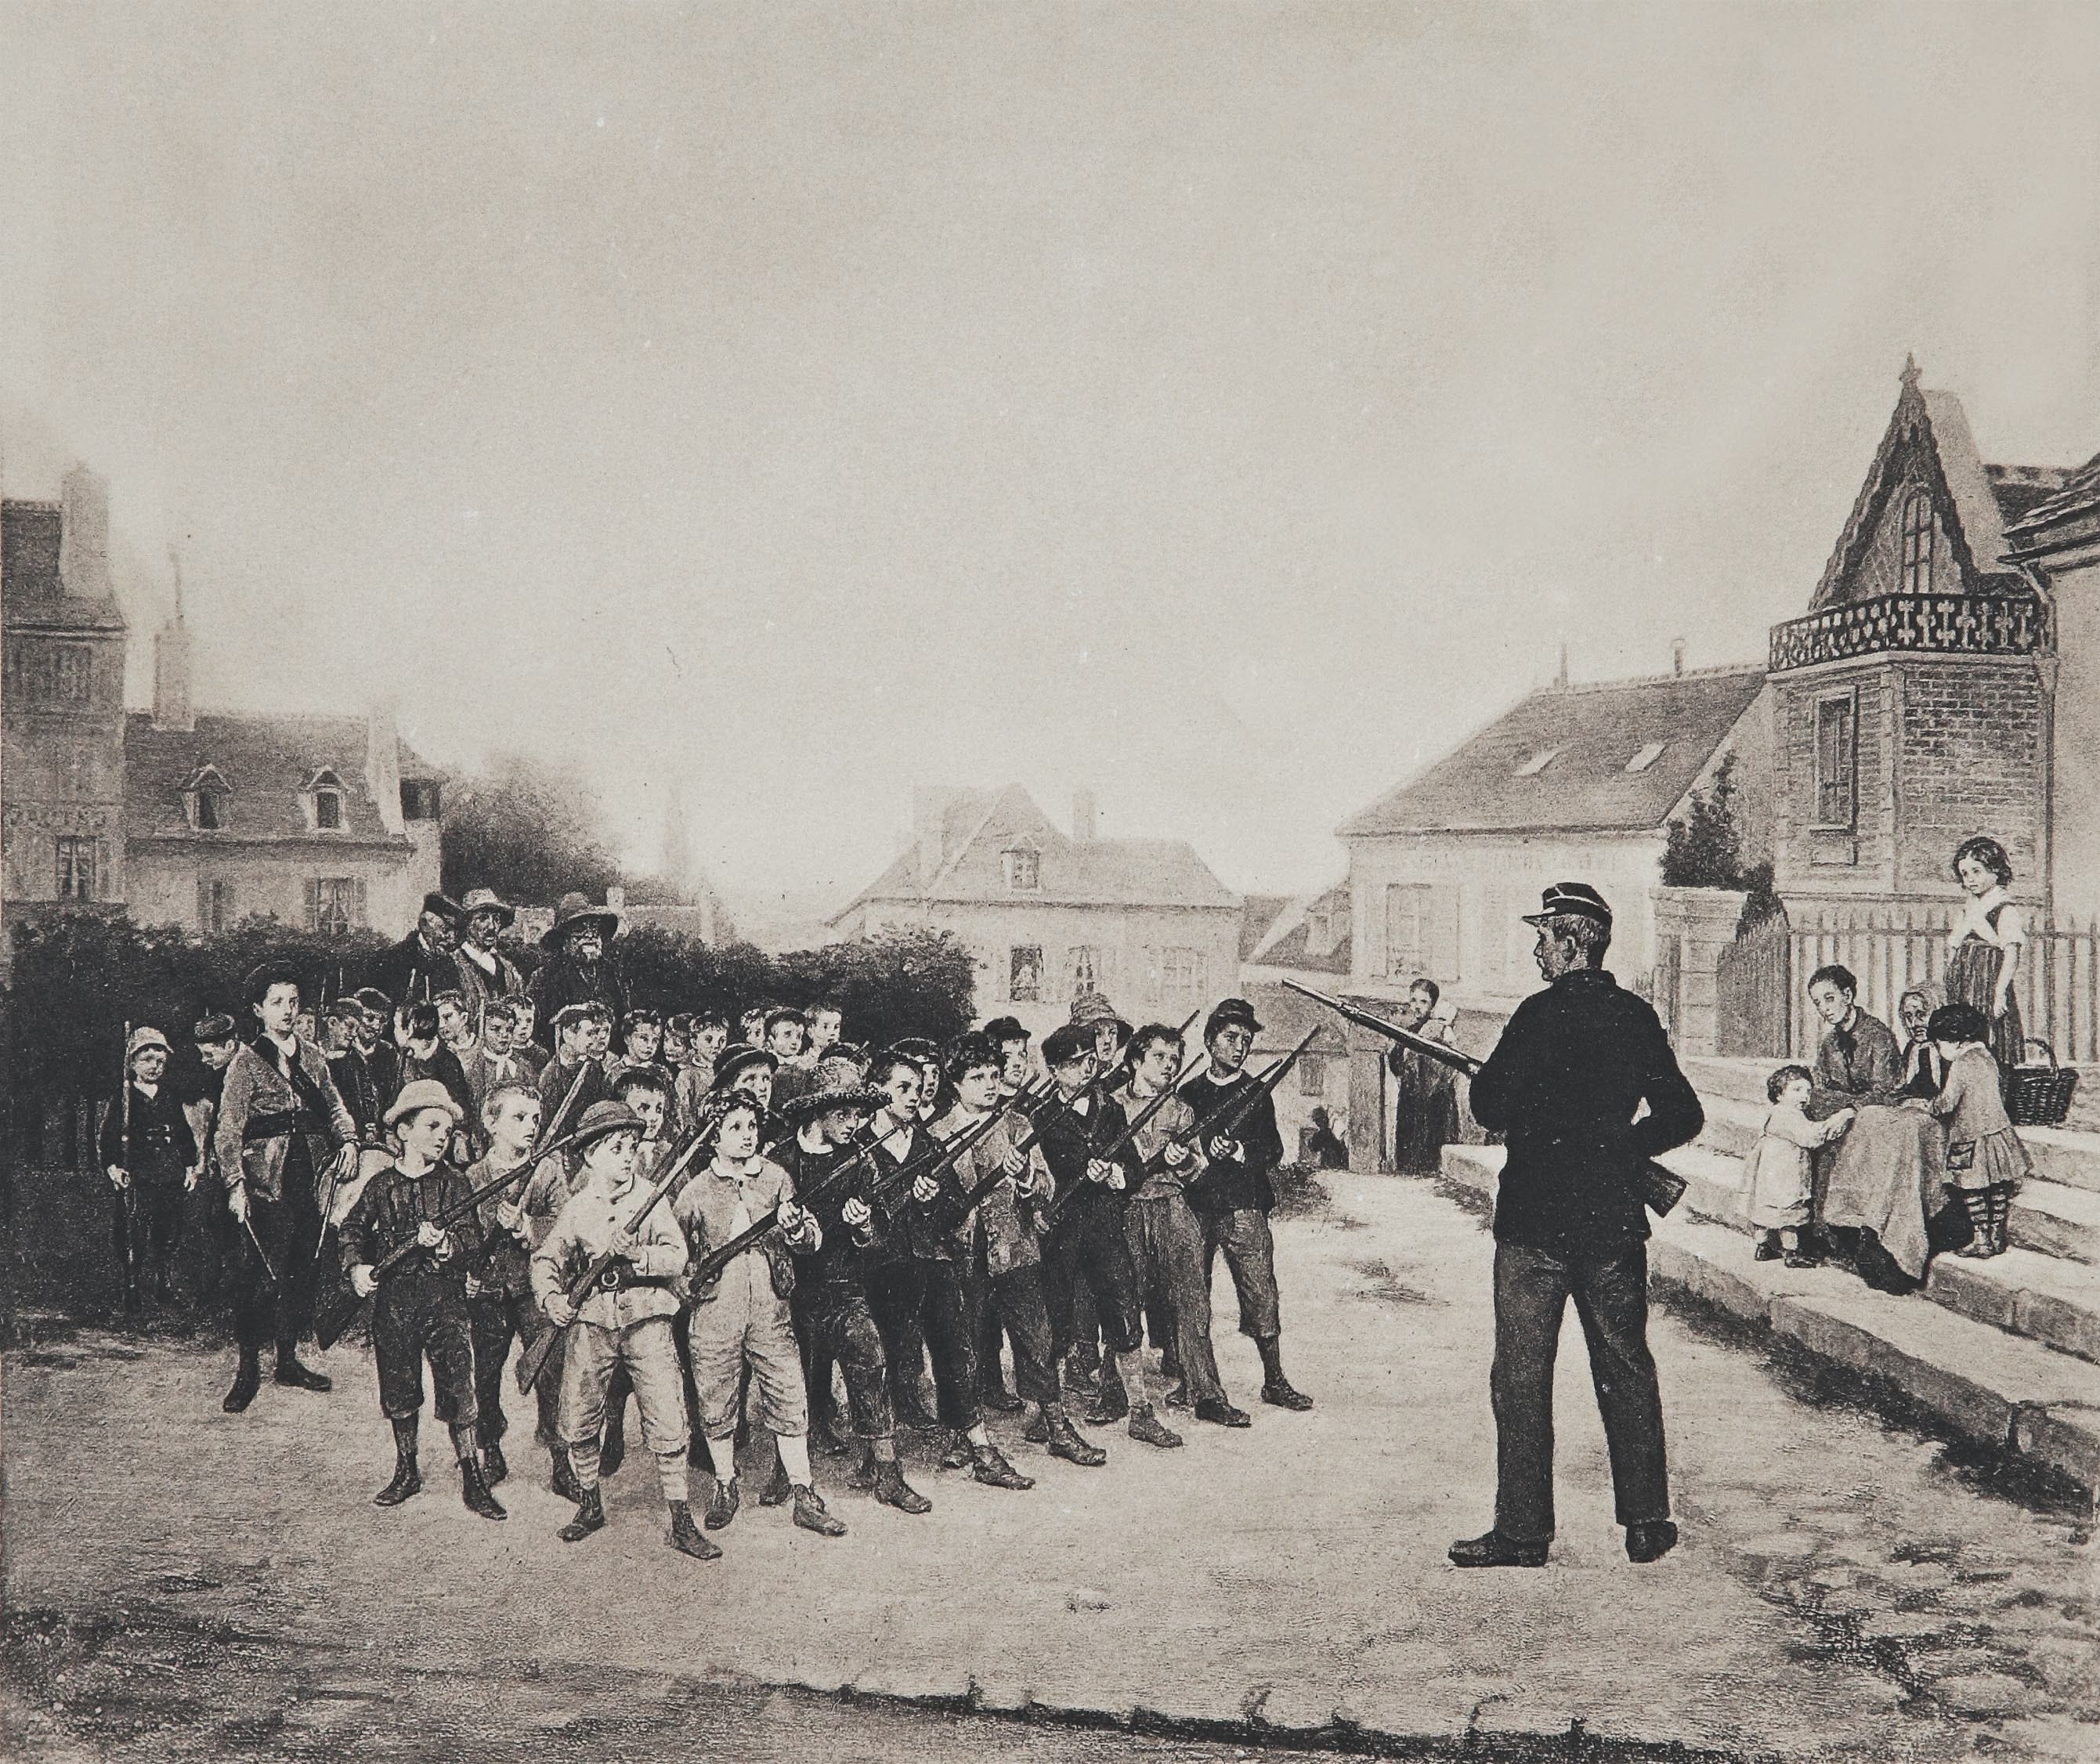 School batallion